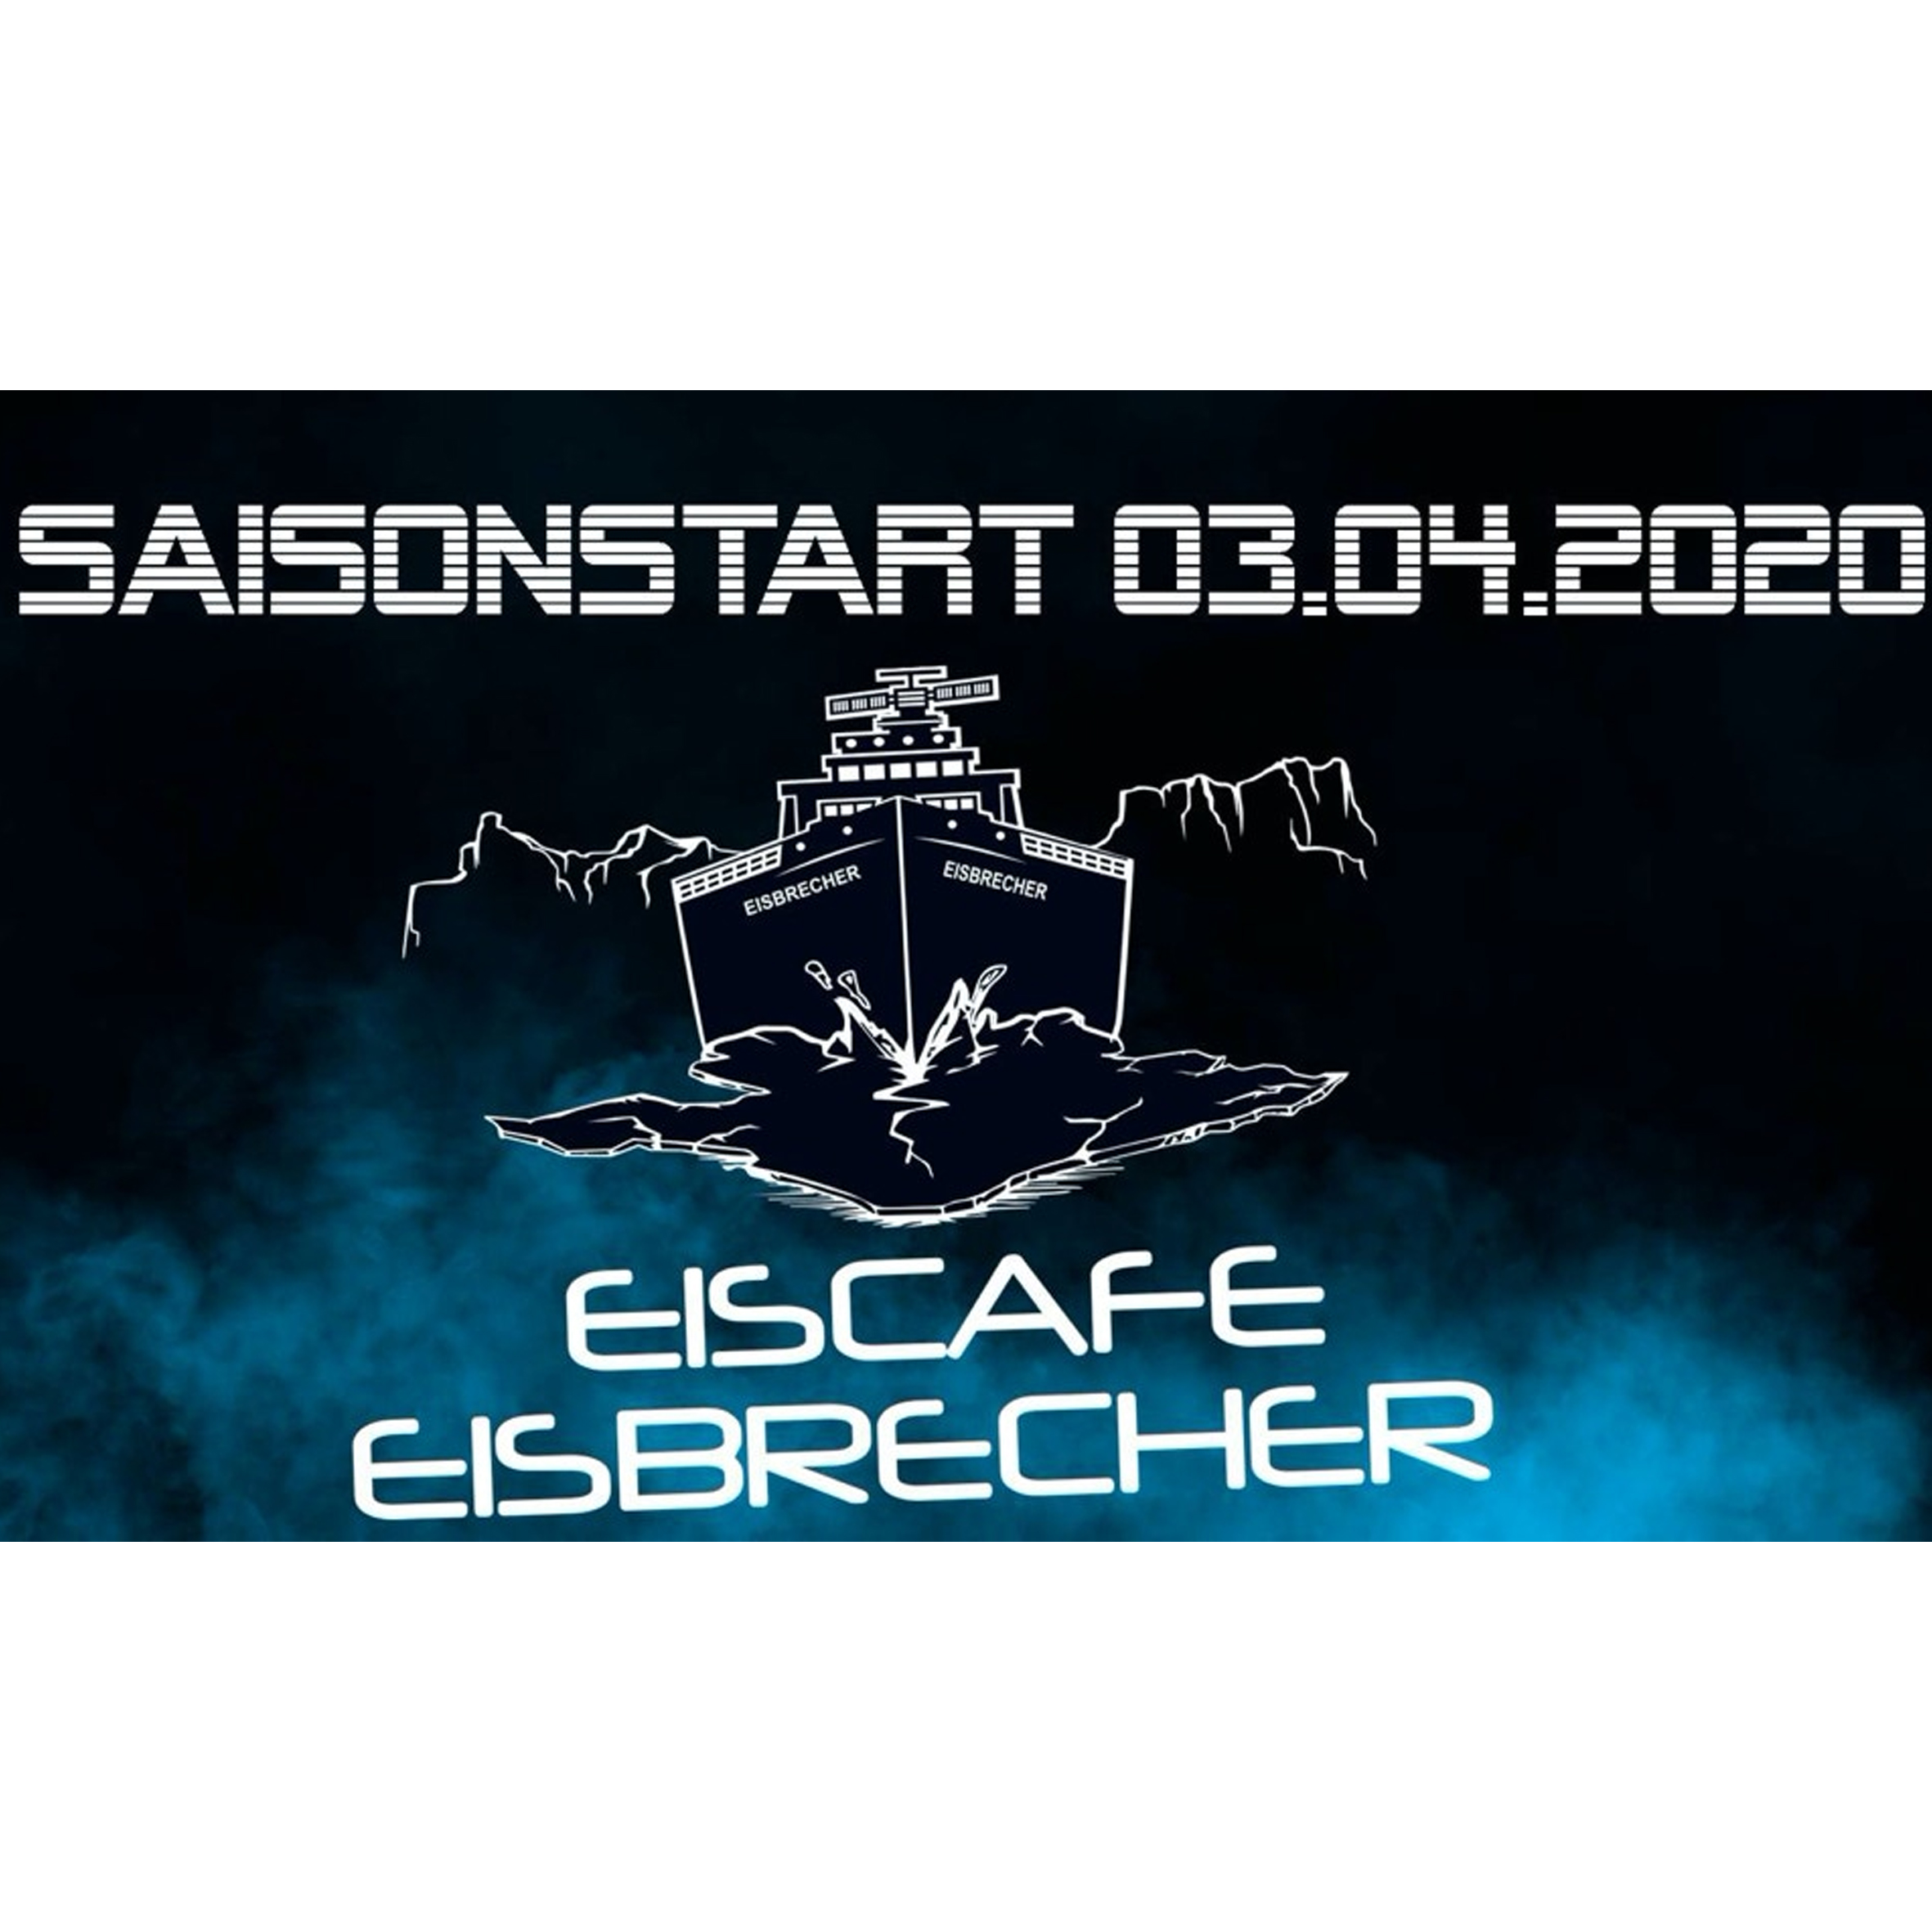 Eiscafé Eisbrecher